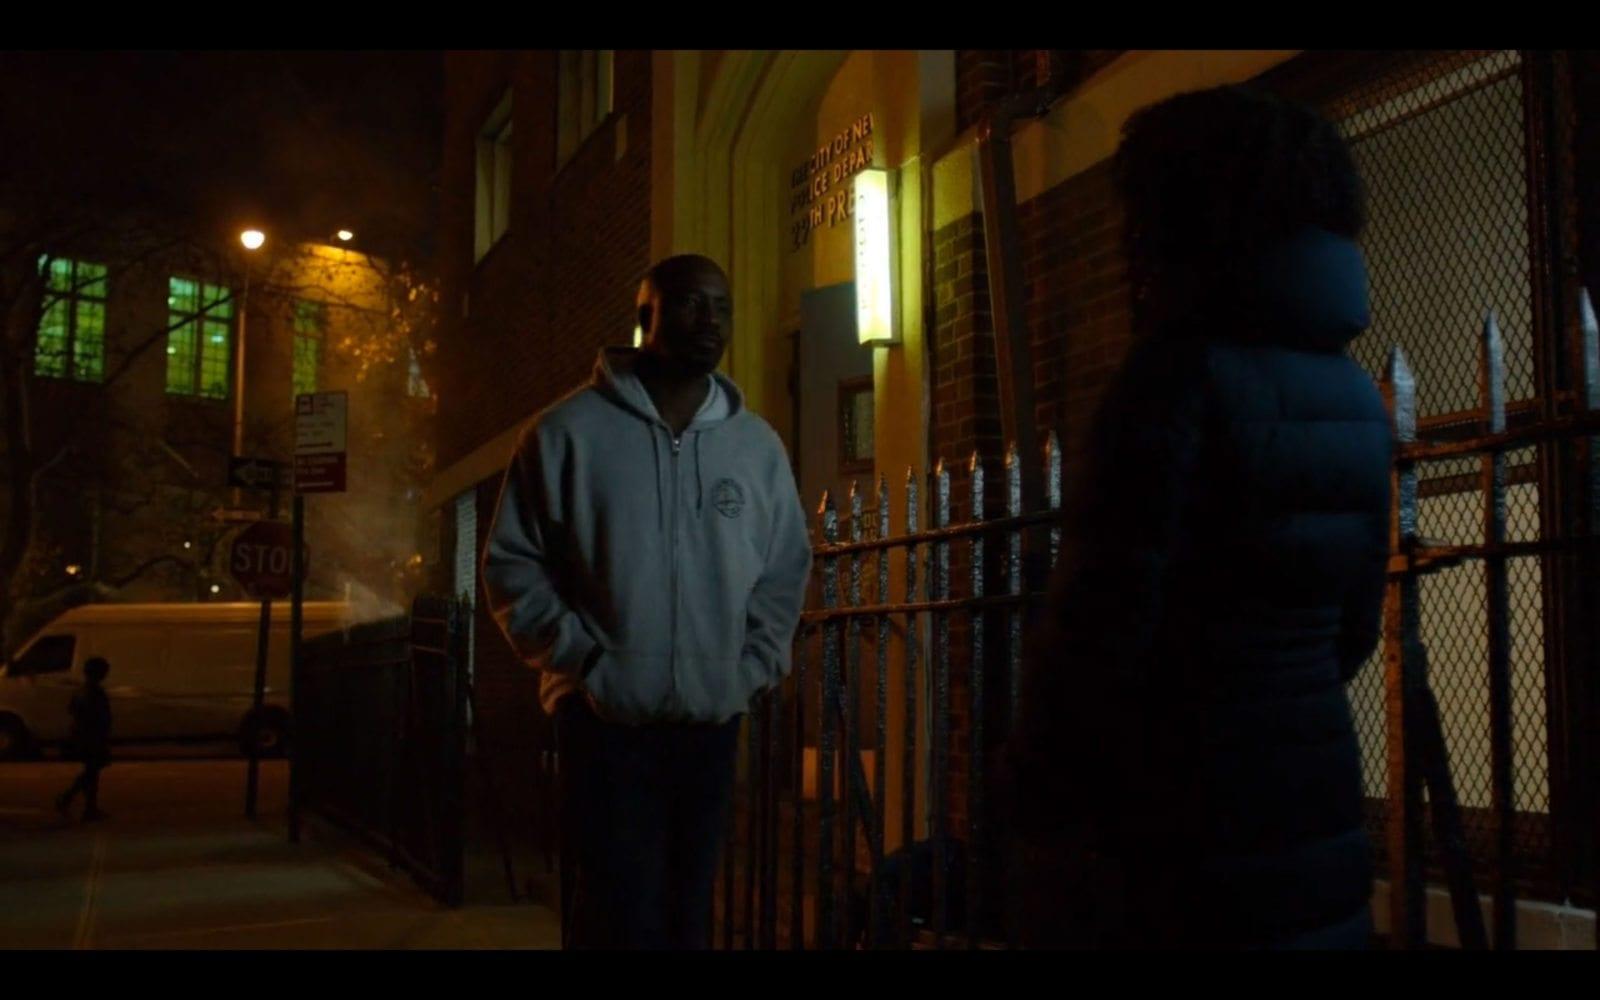 29th Precinct